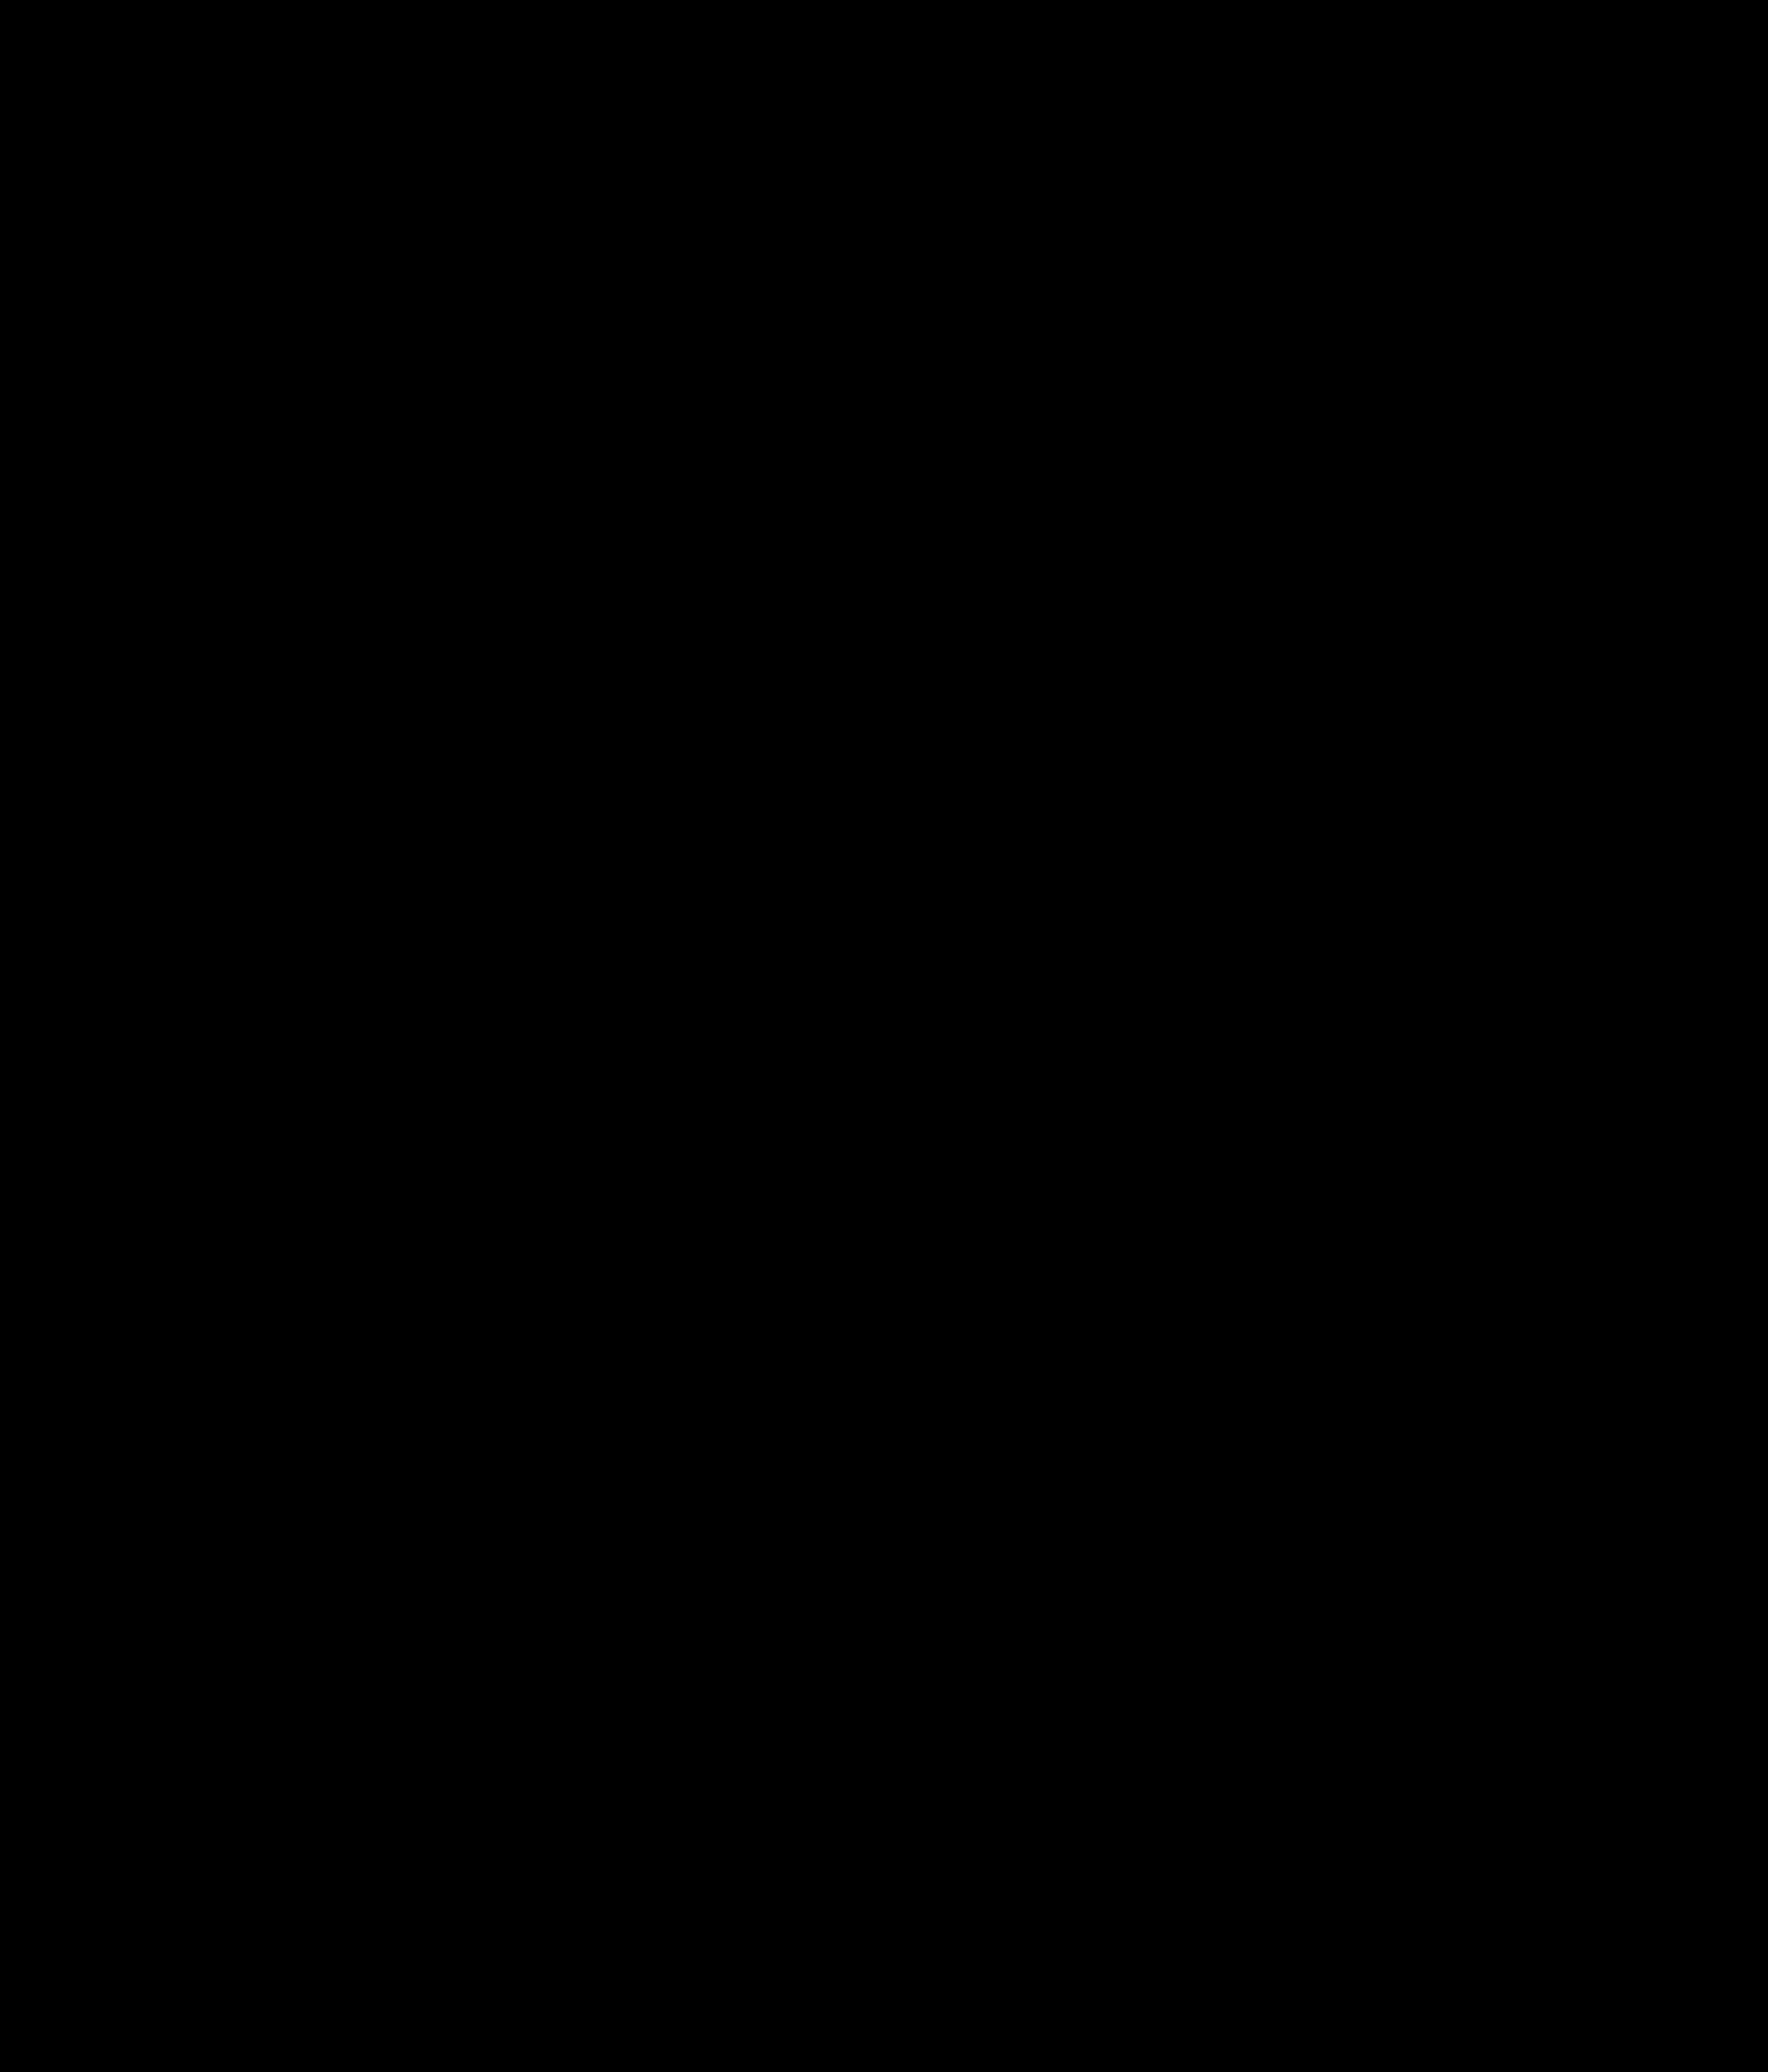 Clipart - Christmas Tree Typography Type III